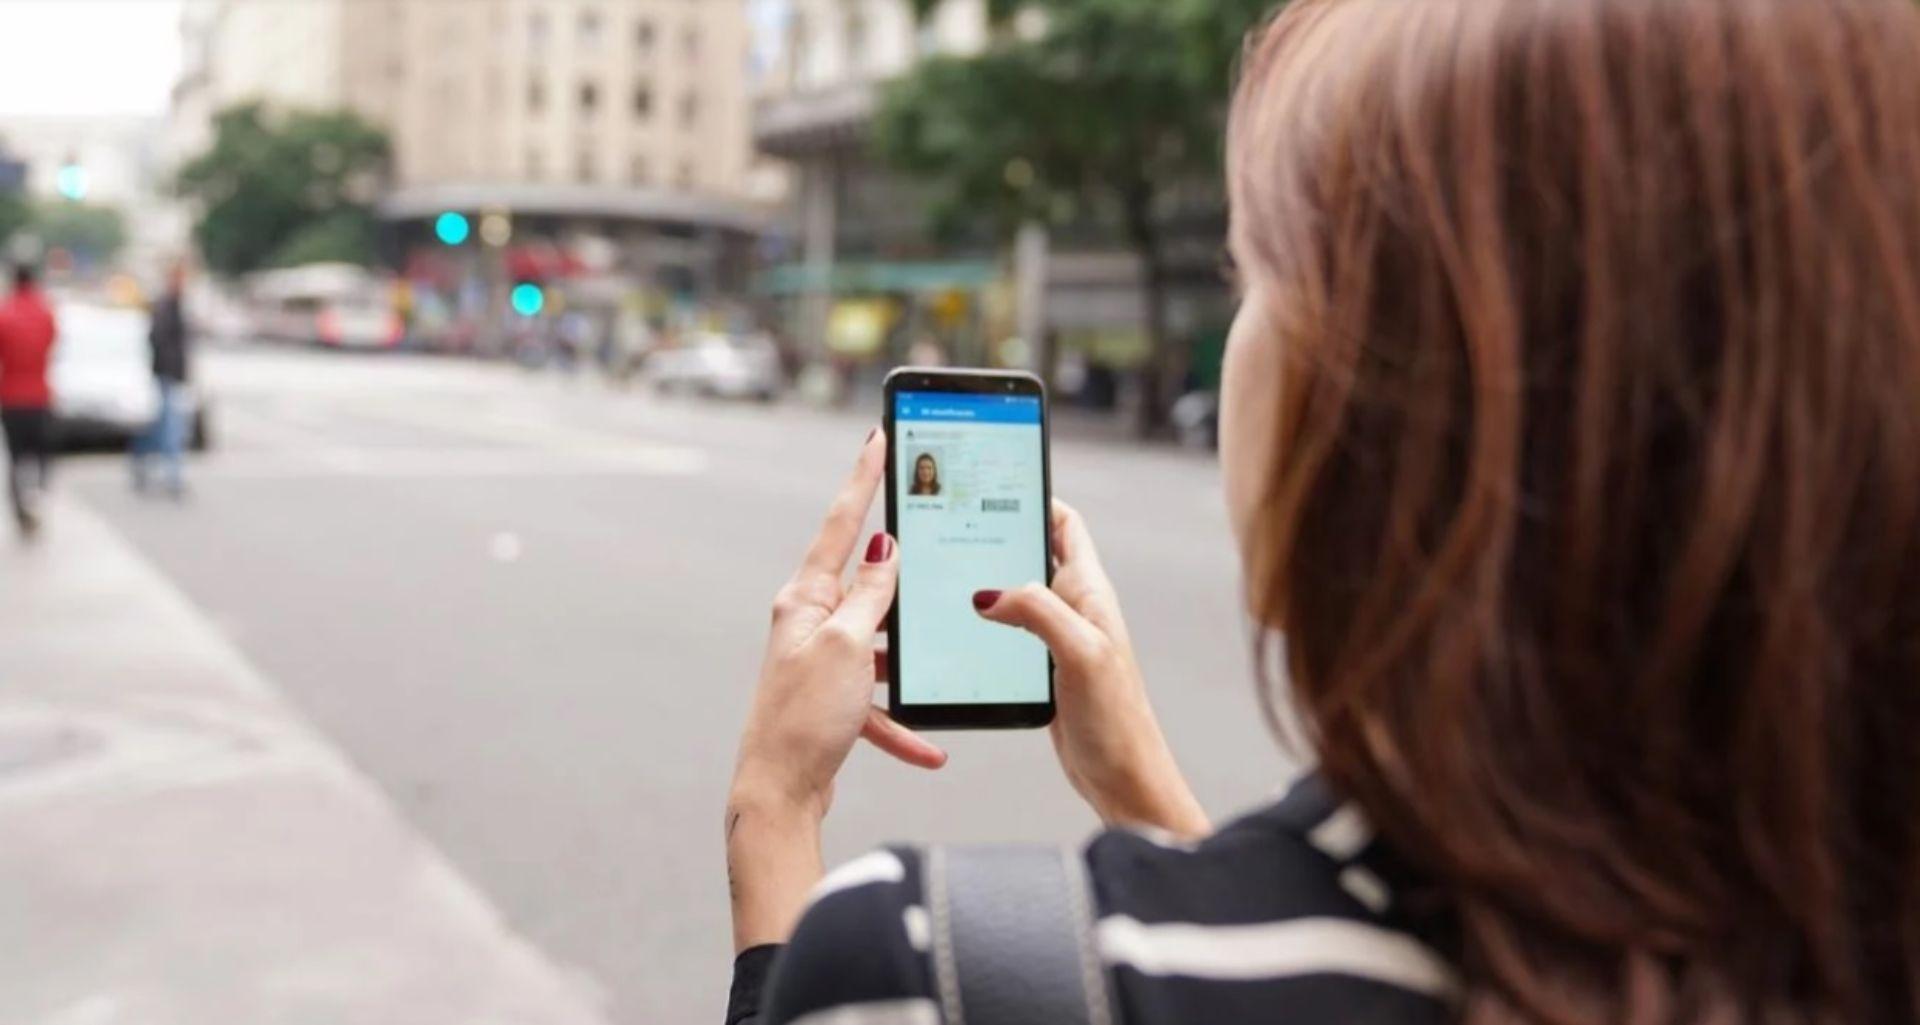 Plan Básico Universal: cómo tener abono de celular a $150 y quiénes pueden  acceder - Canal 9 Televida Mendoza